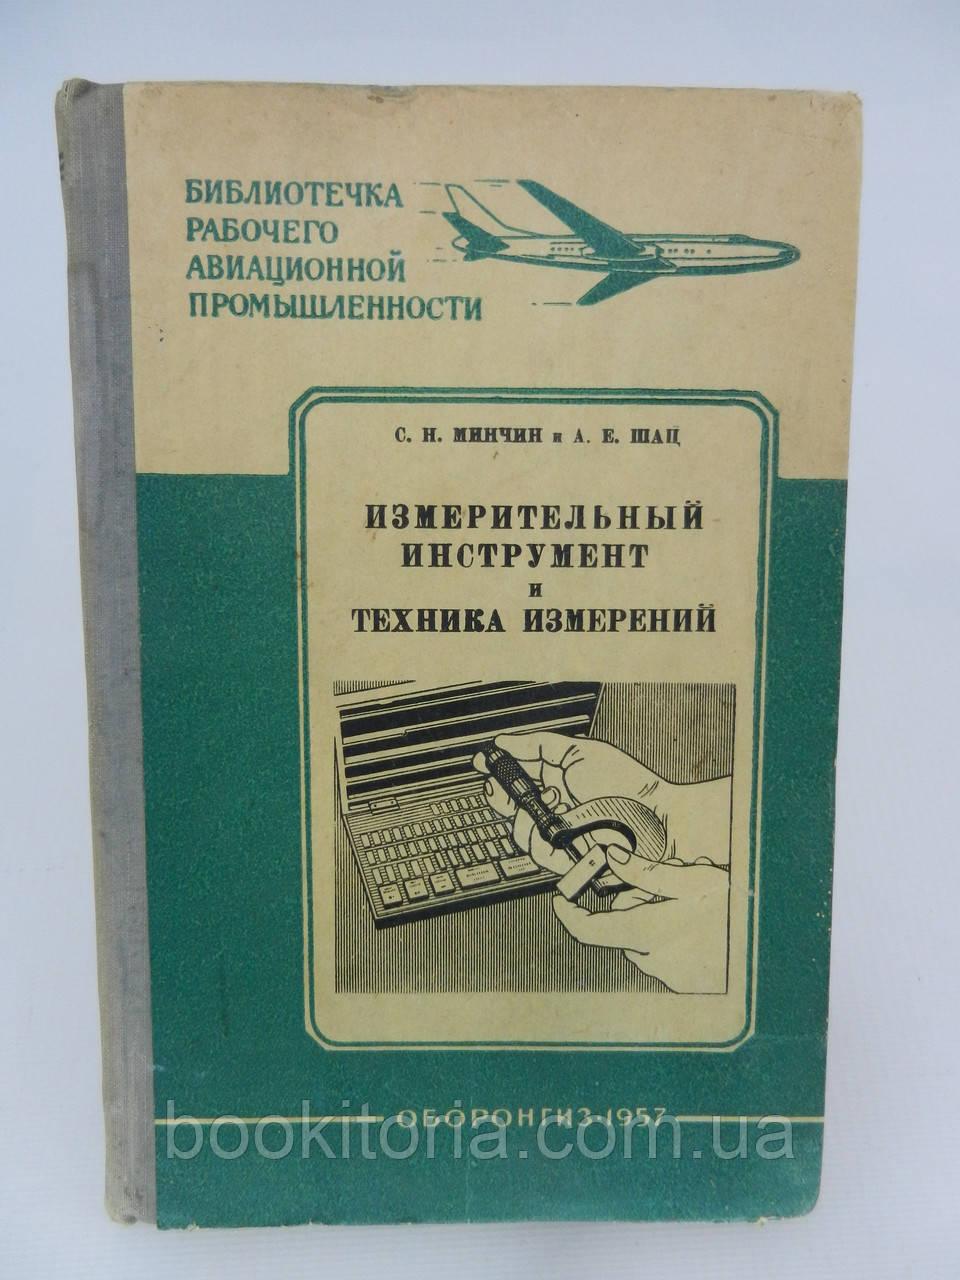 Минчин С. И., Шац А.Е. Измерительный инструмент и техника измерений (б/у).